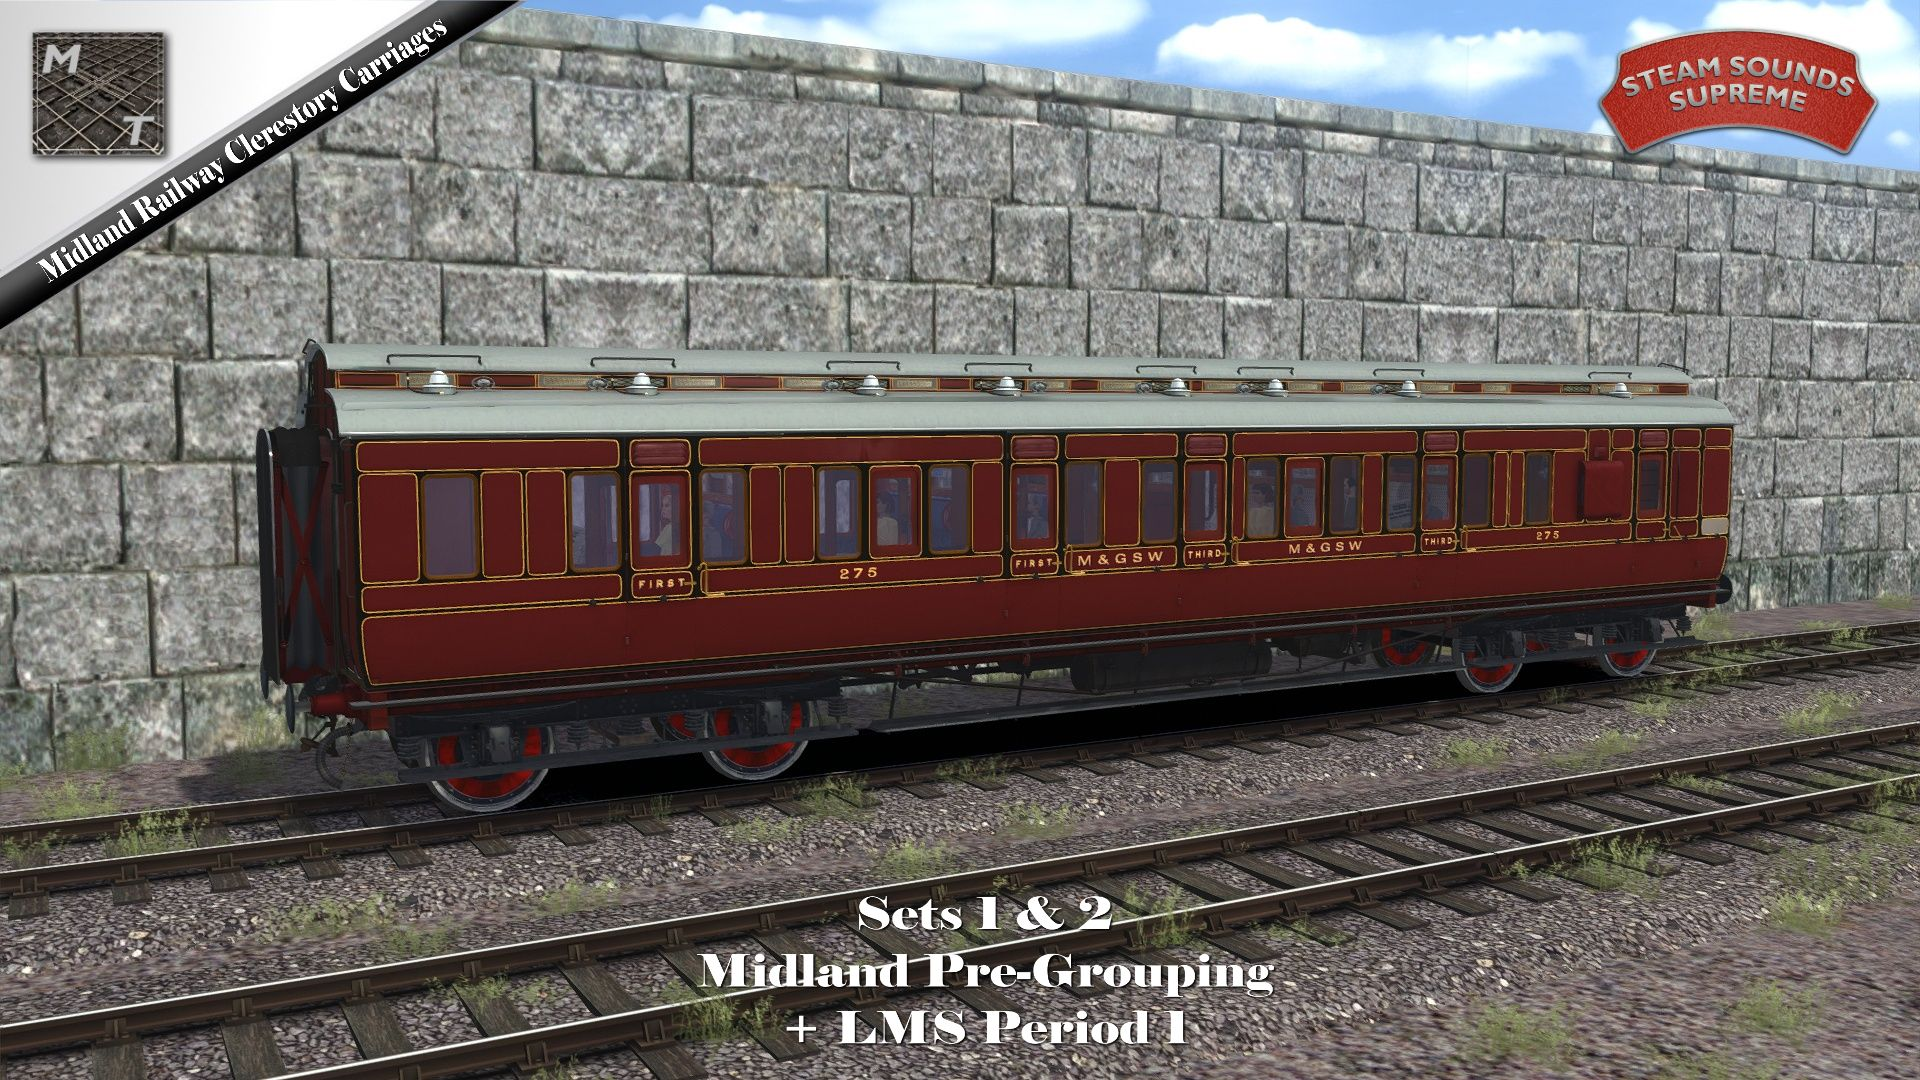 MidlandClerestorySet1+2_06.jpg